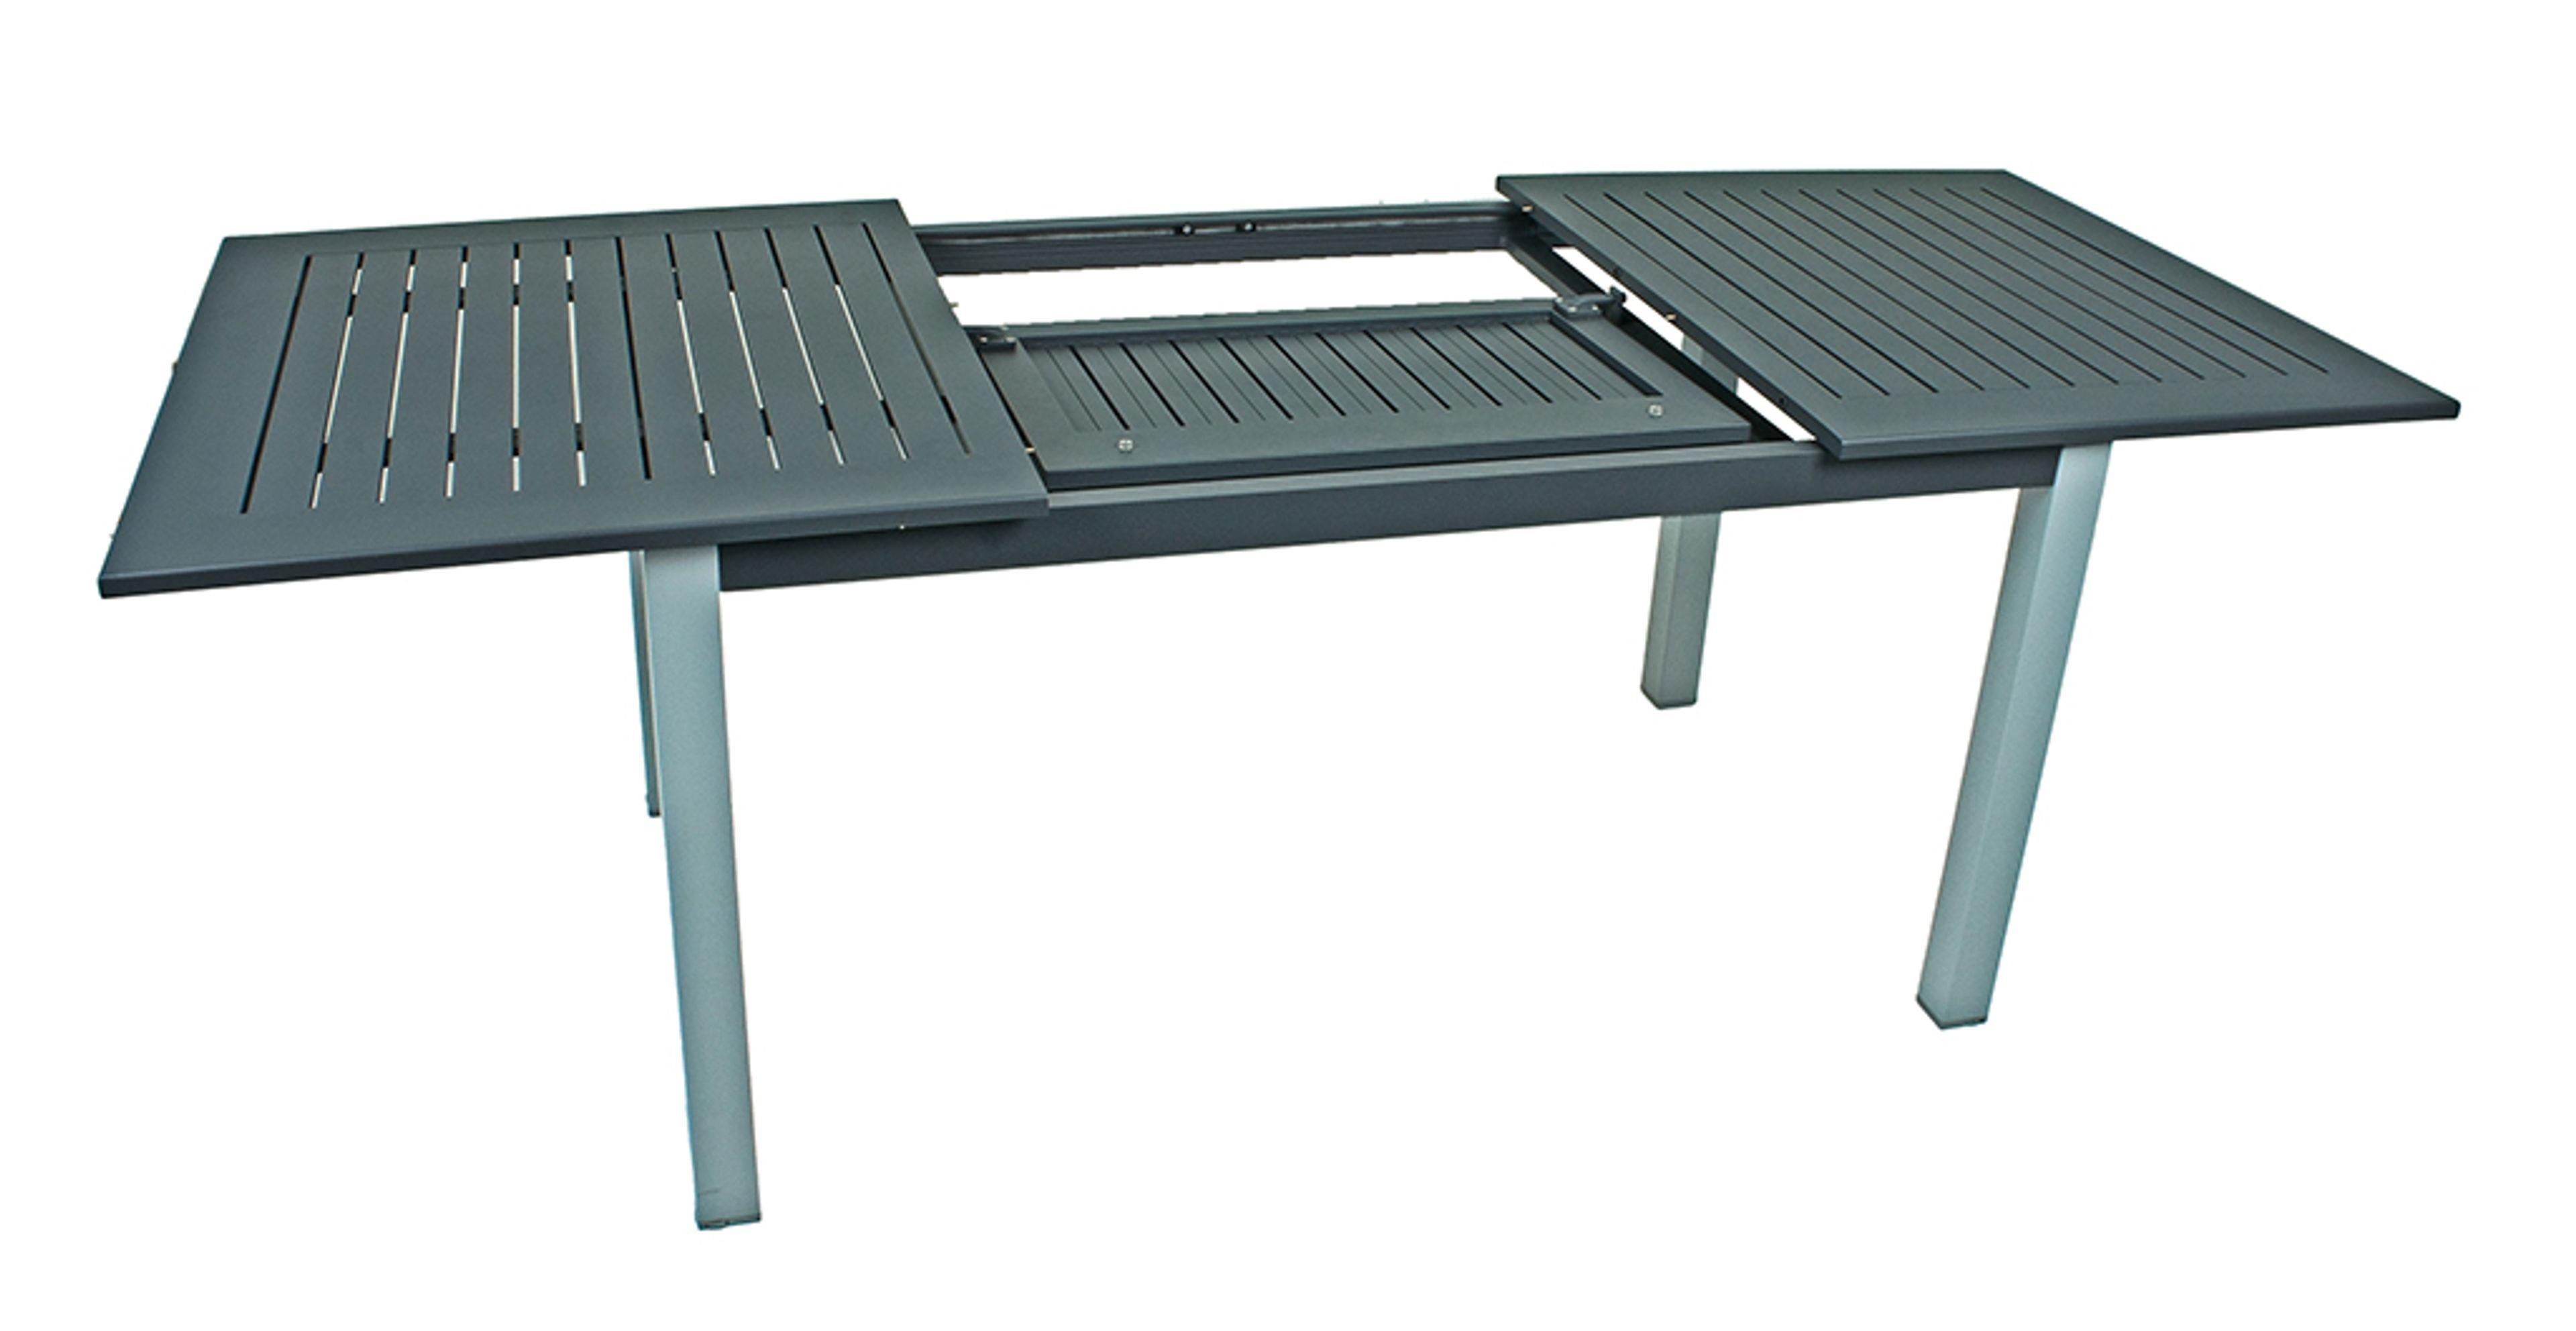 Tisch Gartentisch Esstisch Ausziehtisch Aluminium Ausziehbar